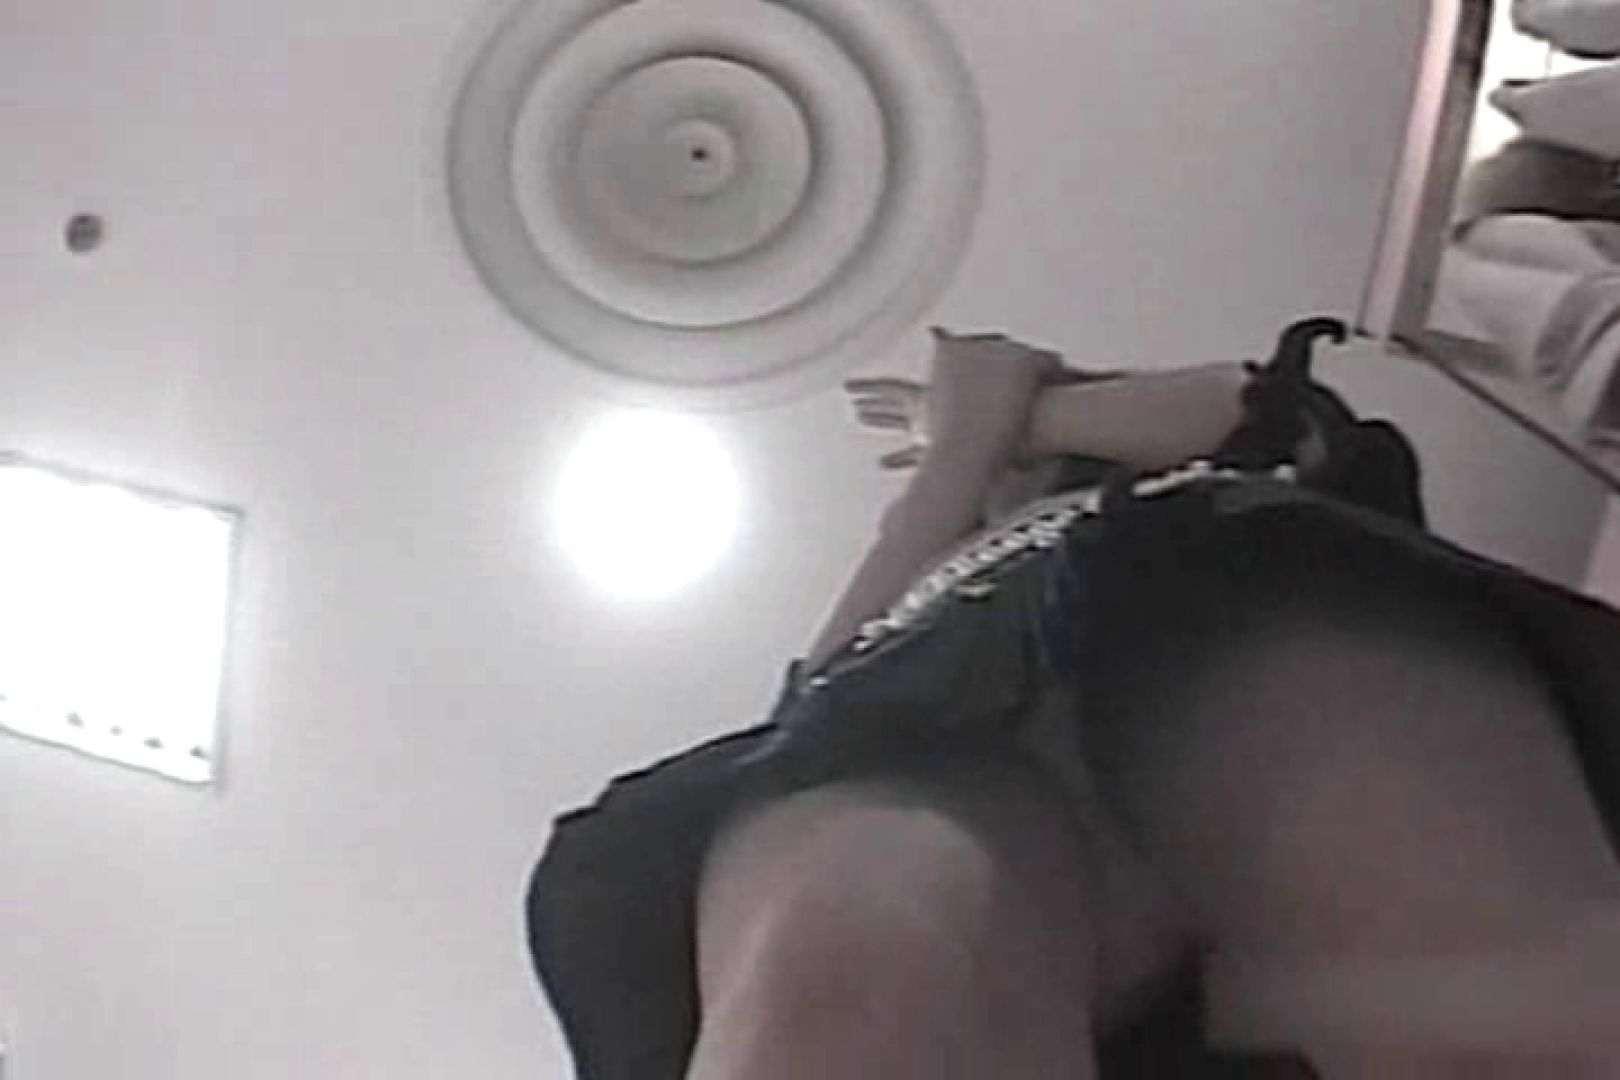 ショップ店員のパンチラアクシデント Vol.17 OLの実態 盗撮われめAV動画紹介 64pic 27